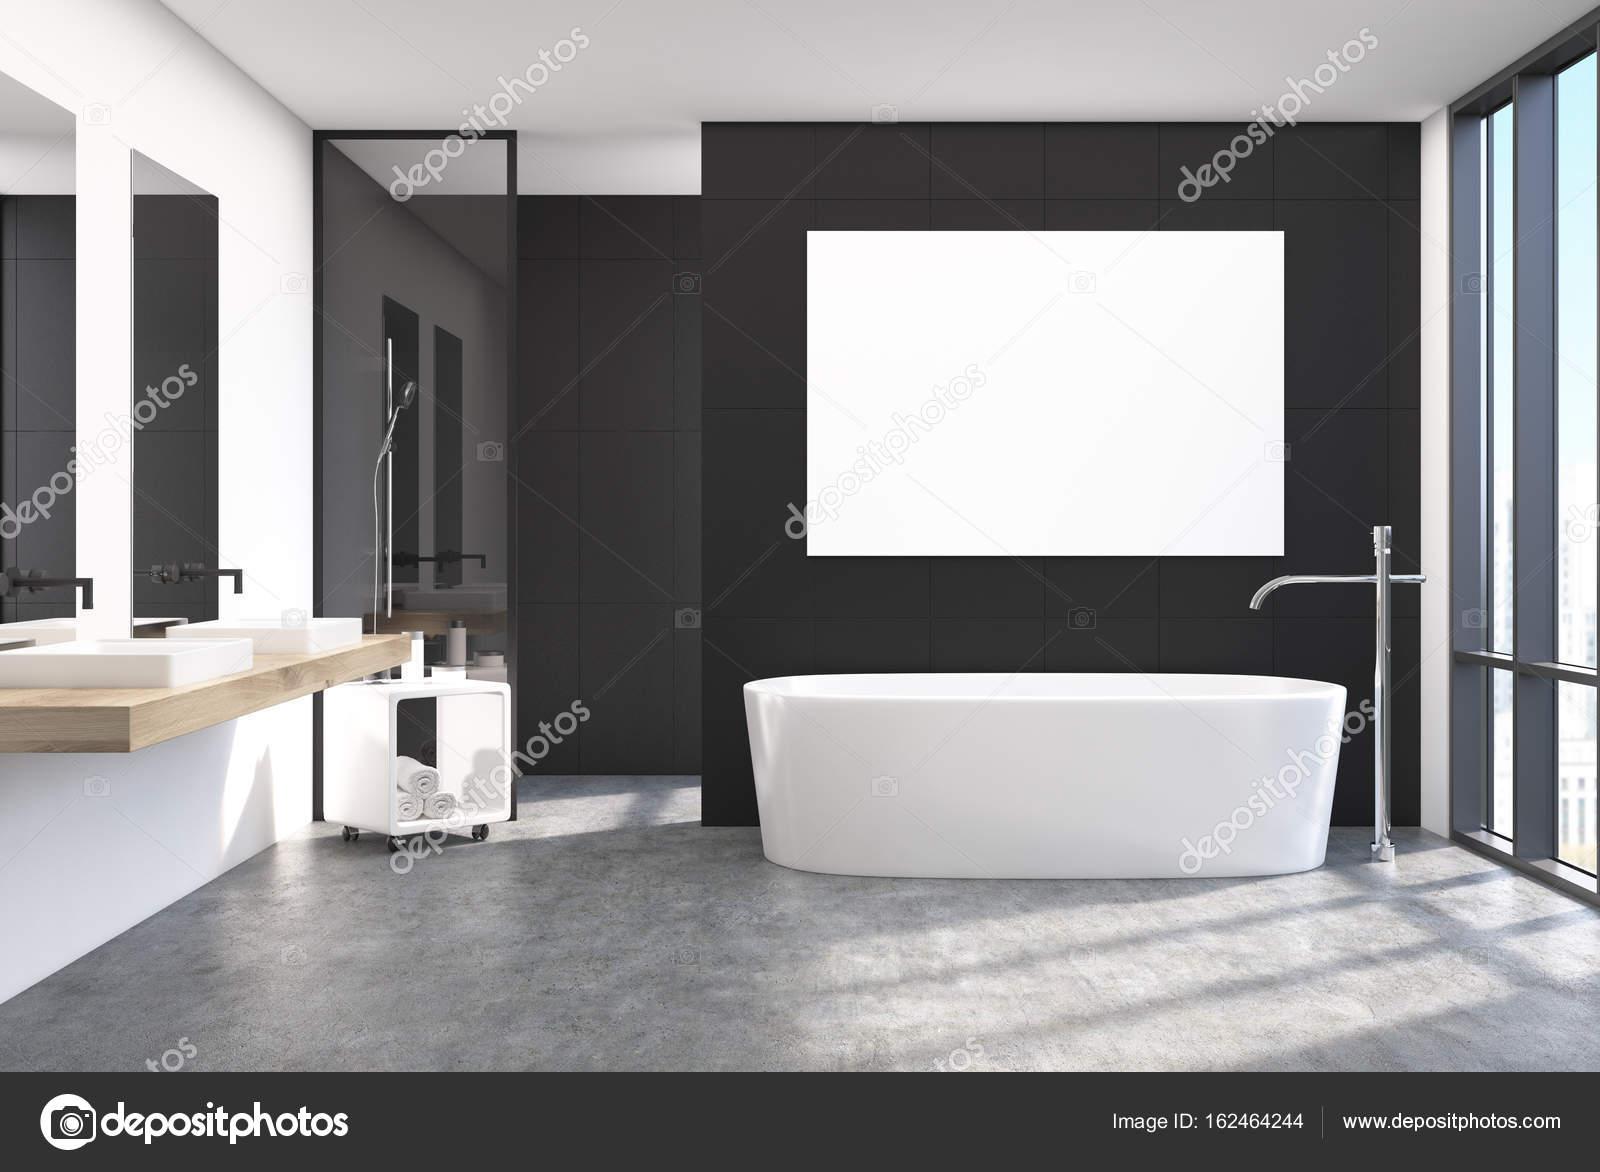 Nowoczesna łazienka Czarne Wnętrze Plakat Zdjęcie